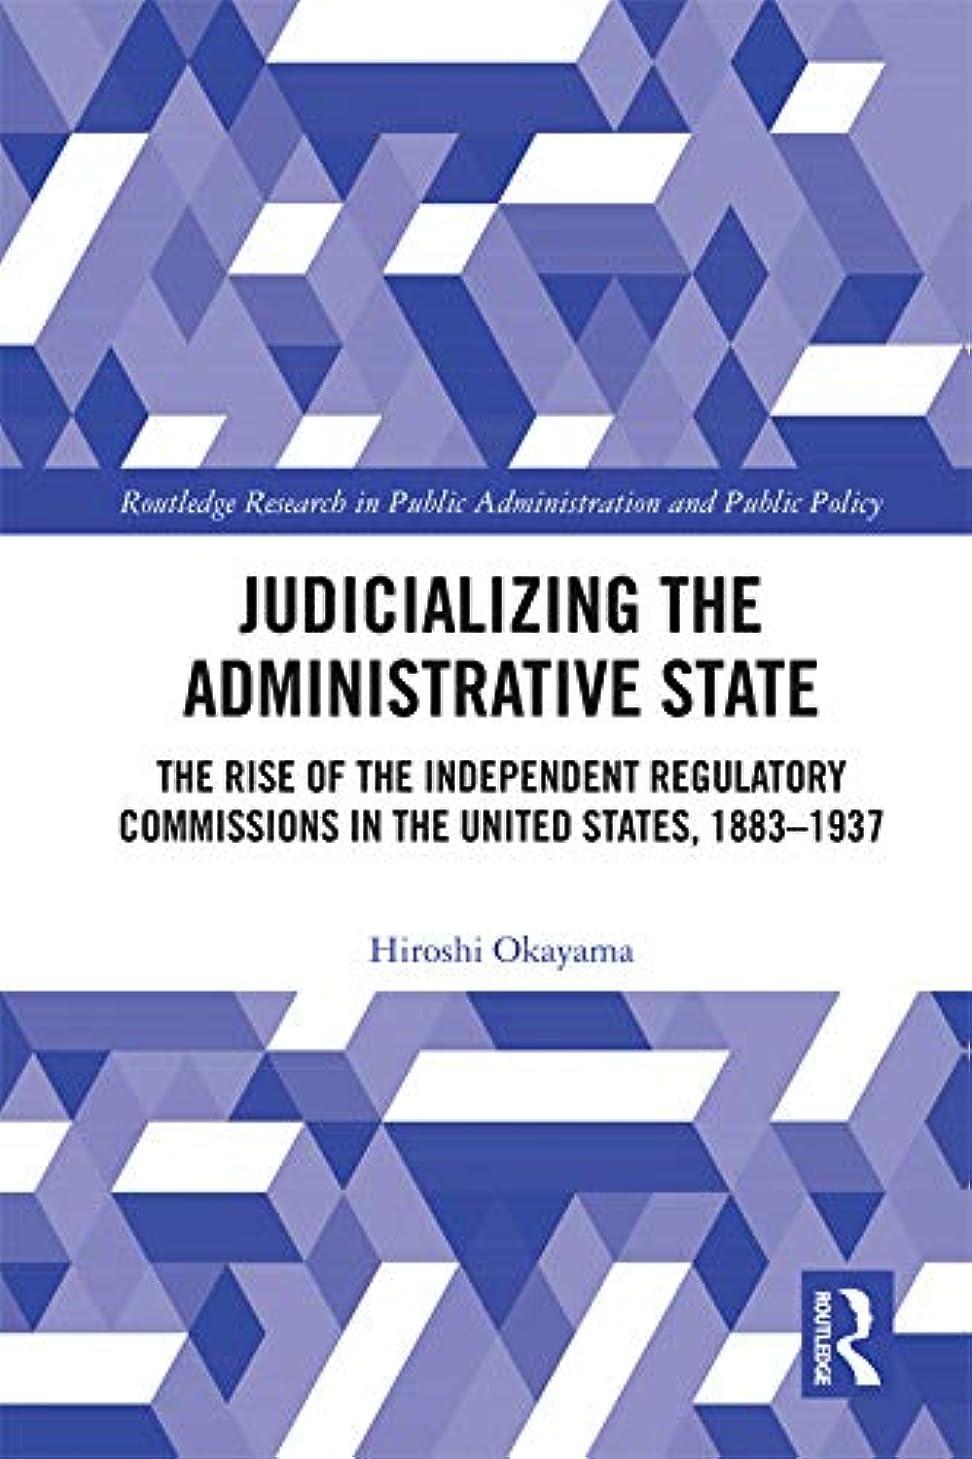 惑星剛性均等にJudicializing the Administrative State: The Rise of the Independent Regulatory Commissions in the United States, 1883-1937 (Routledge Research in Public ... and Public Policy) (English Edition)